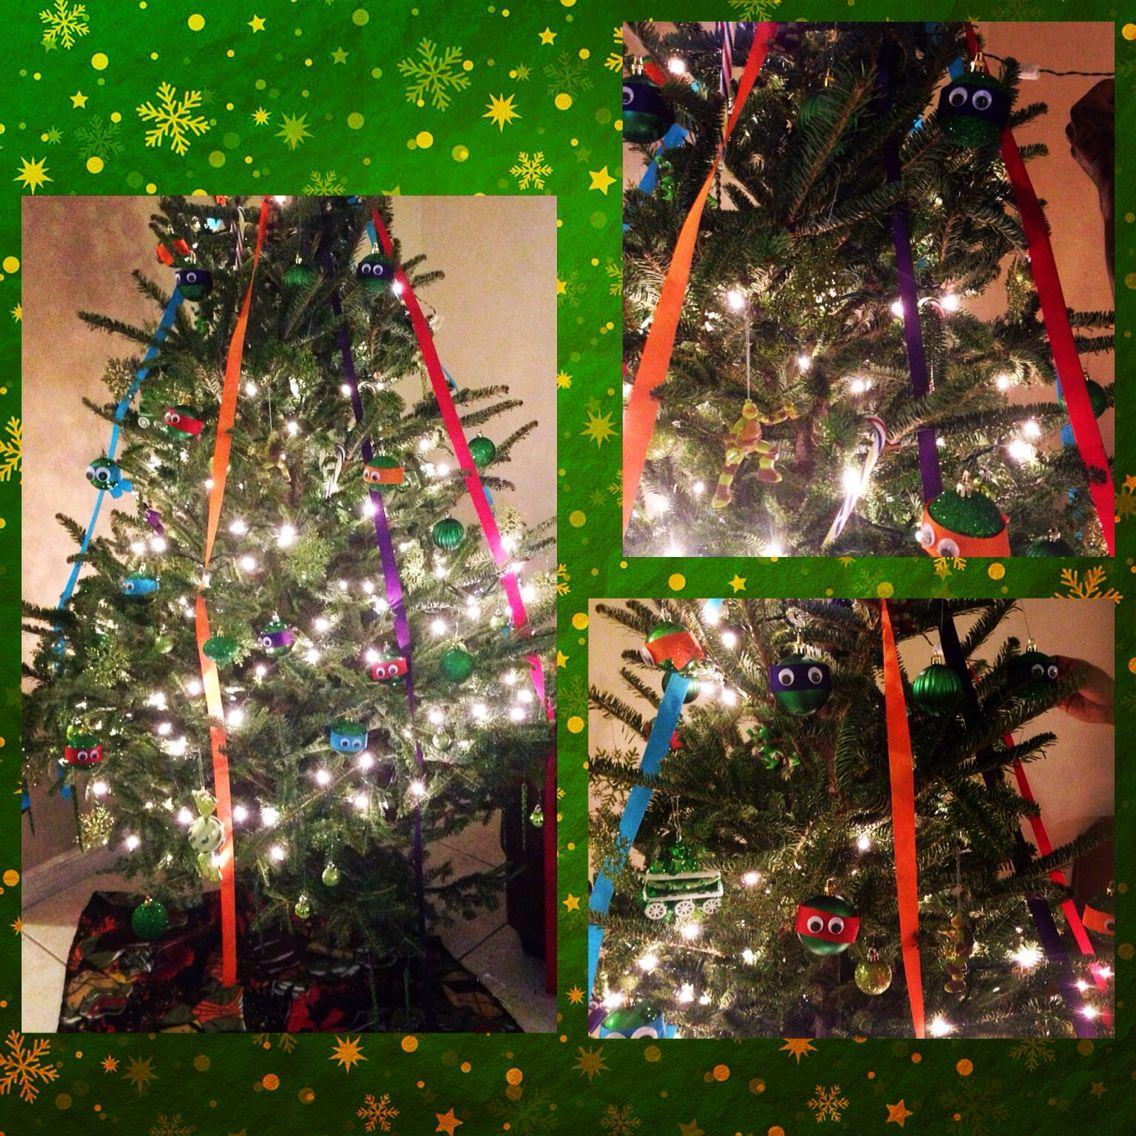 Ninja Turtle Christmas Tree.Our Ninja Turtle Christmas Tree 2014 Christmas Trees